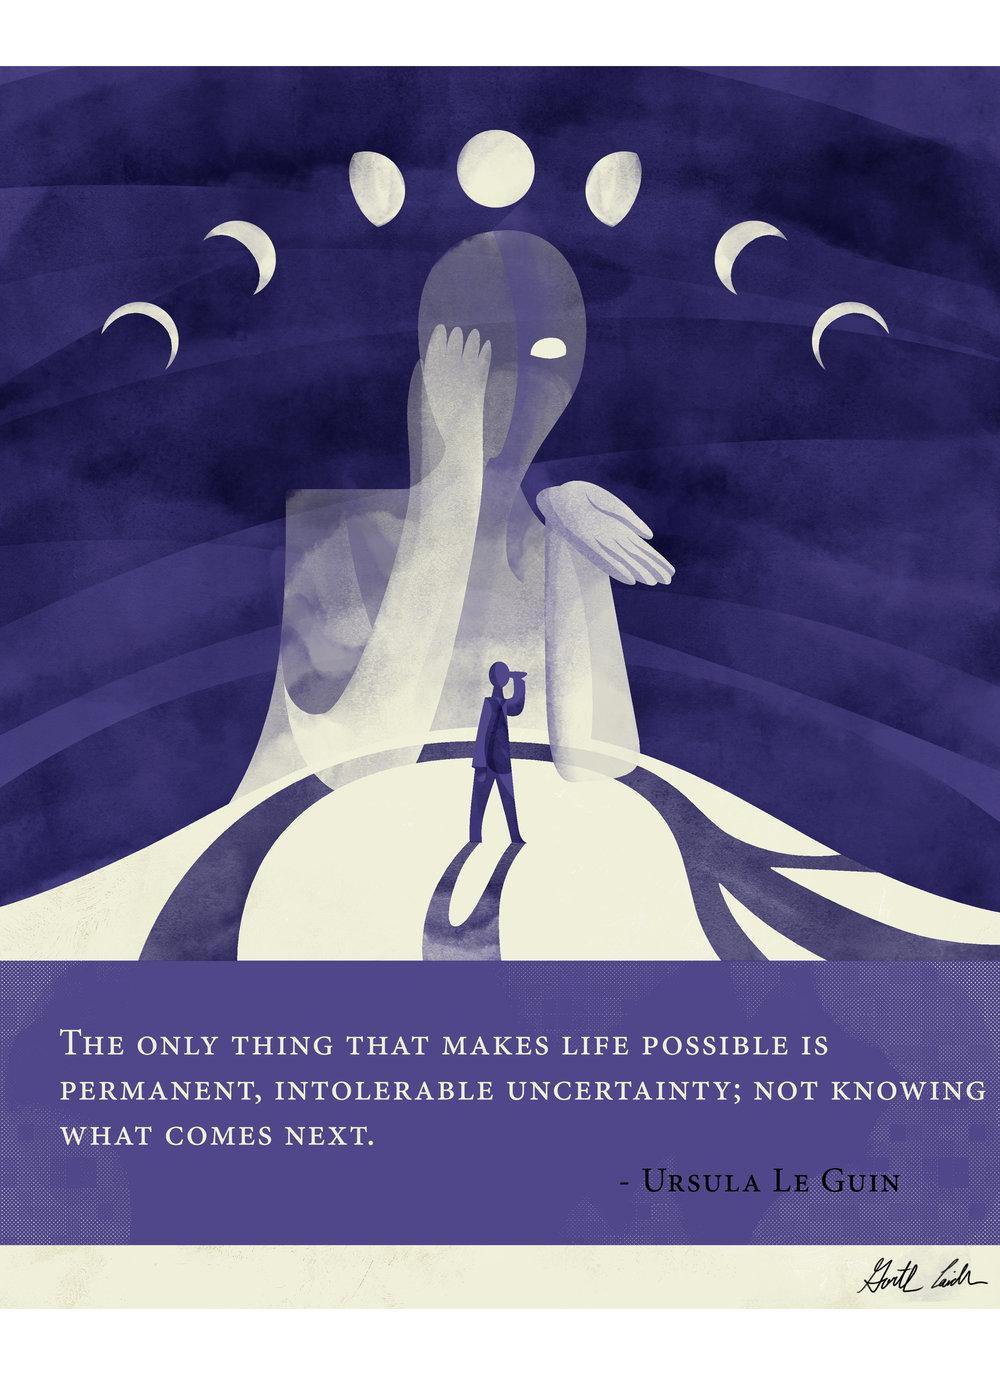 garthlaidlaw-poster-illustration-ursula-le-guin-inprnt-d44c90.jpg